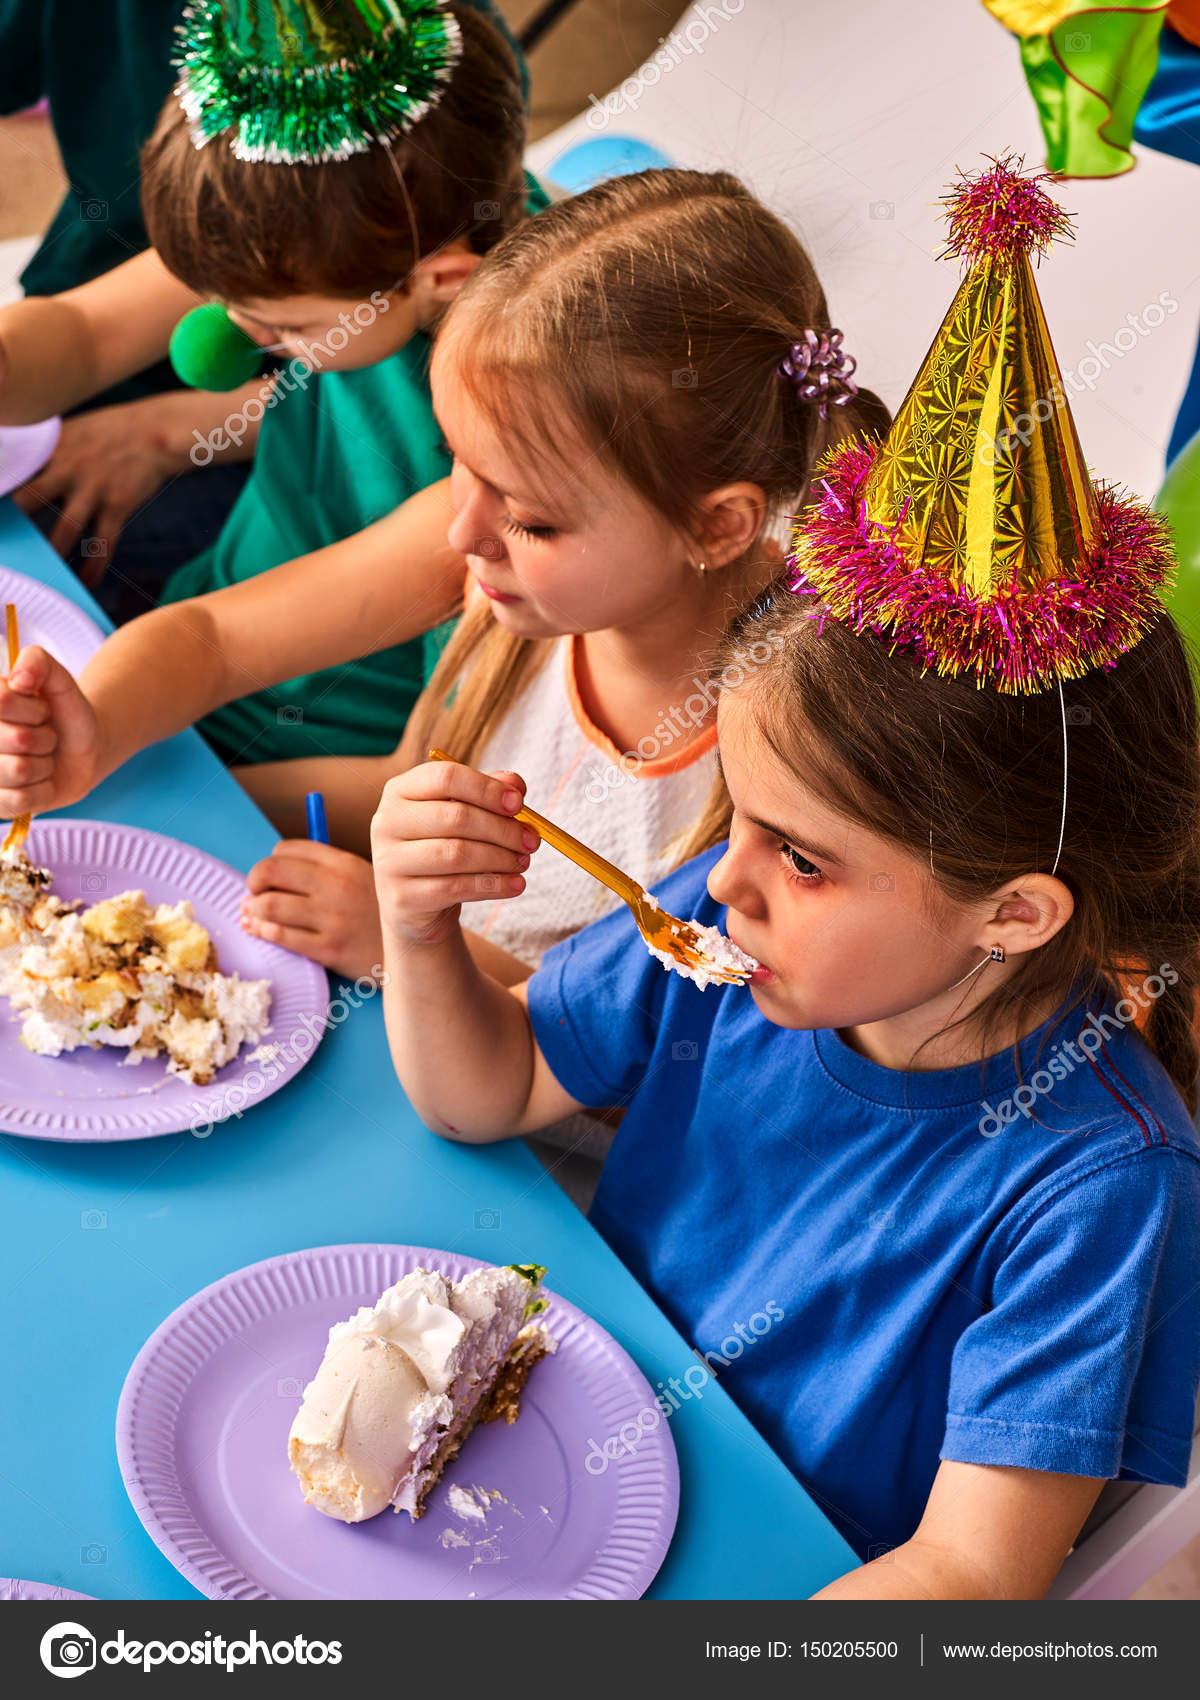 Cumpleaos nios celebran la fiesta y comer pastel en placa juntos